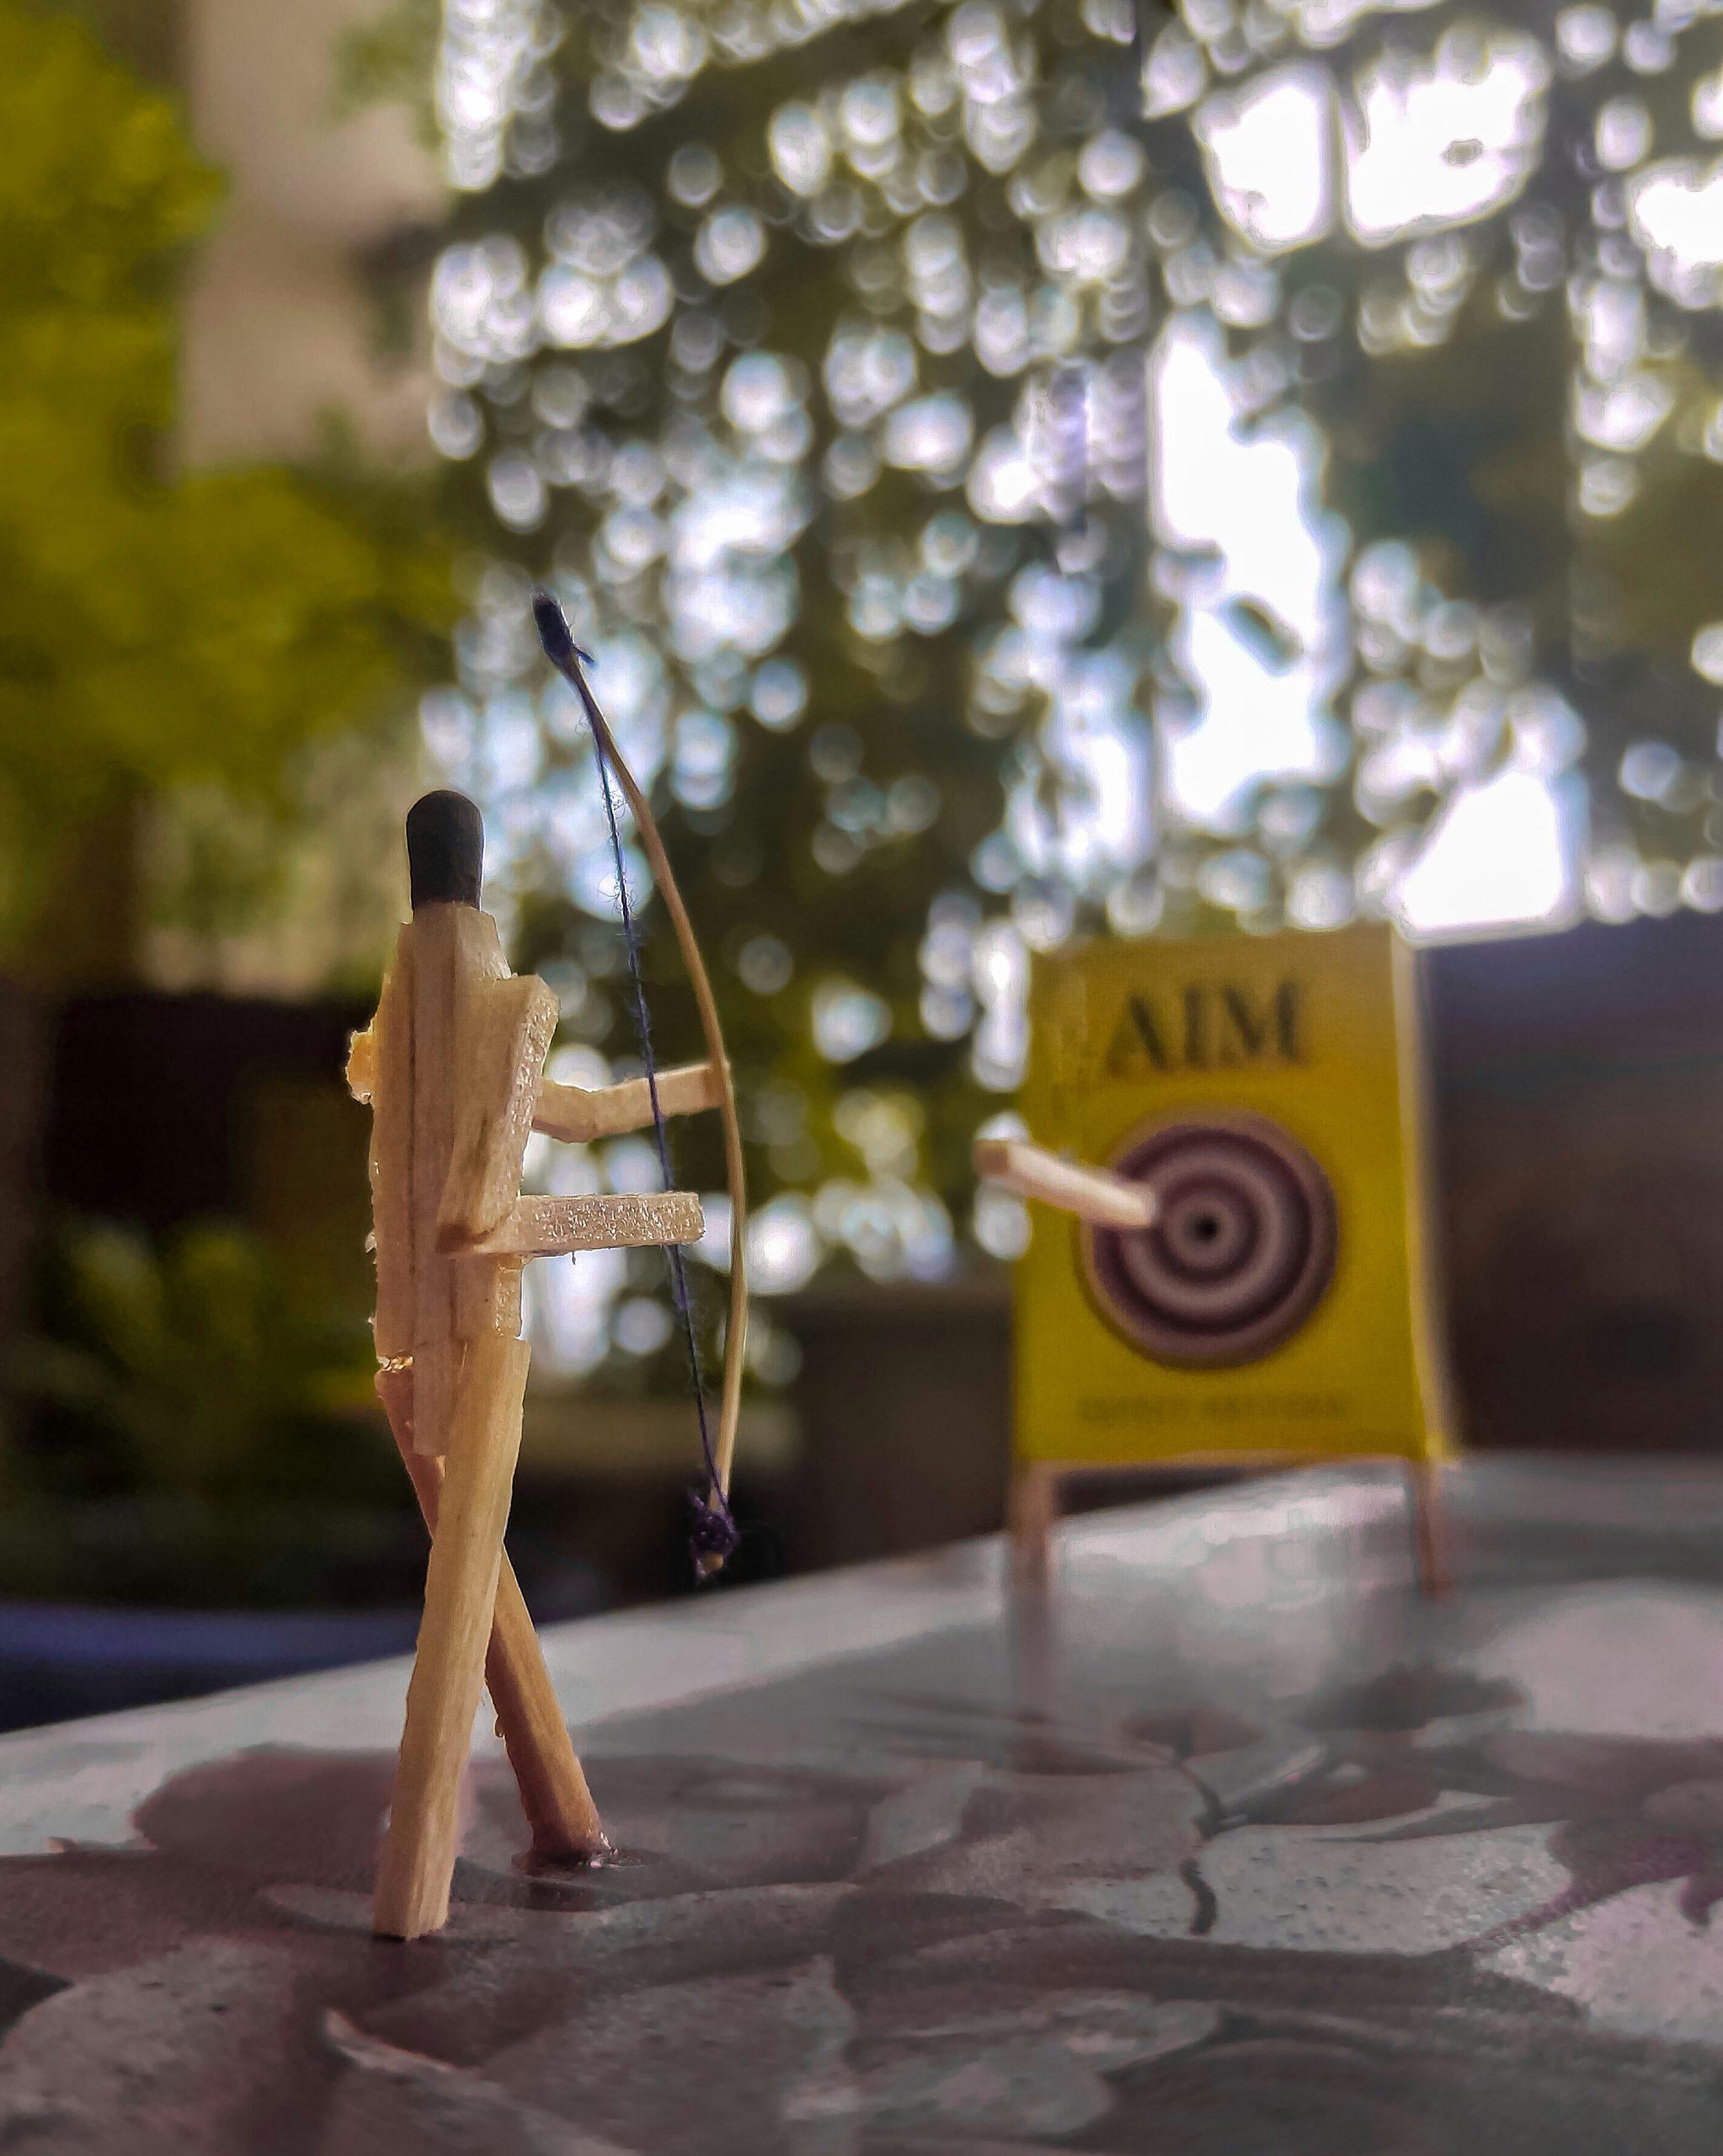 Arrow, bow and aim